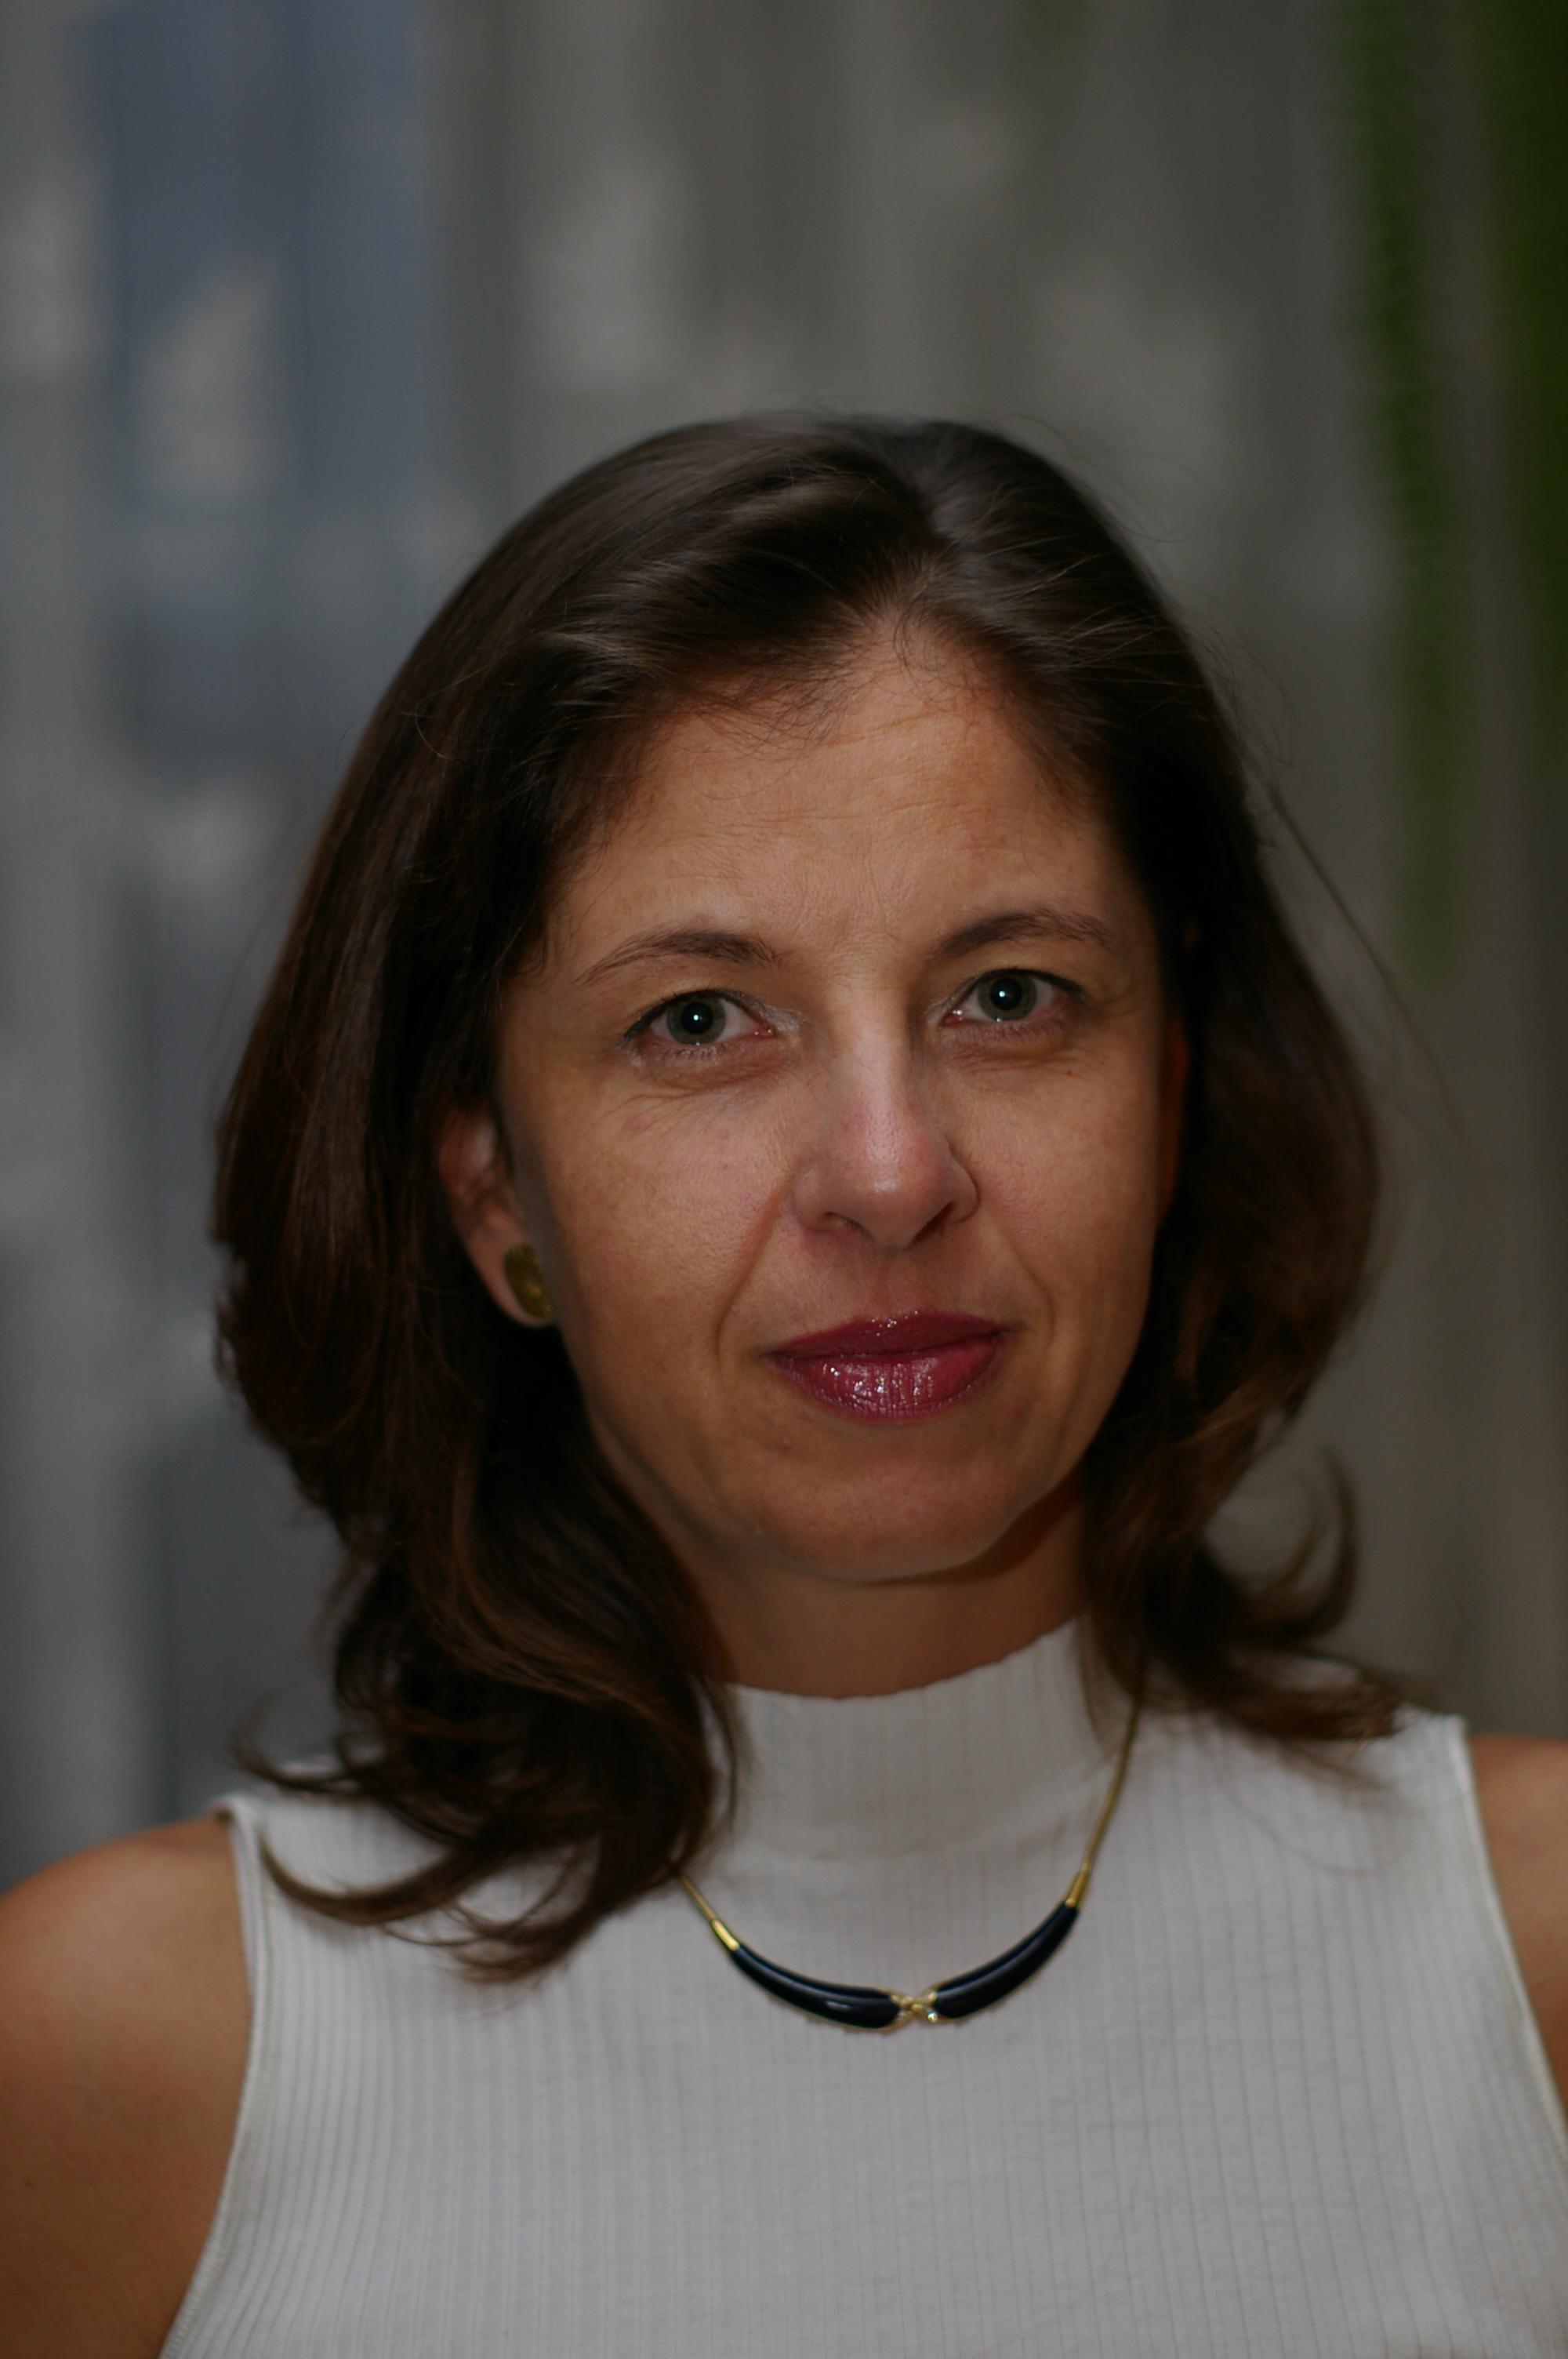 Dr Csellár Zsuzsanna, a Gastromed Center onkodermatológus munkatársa